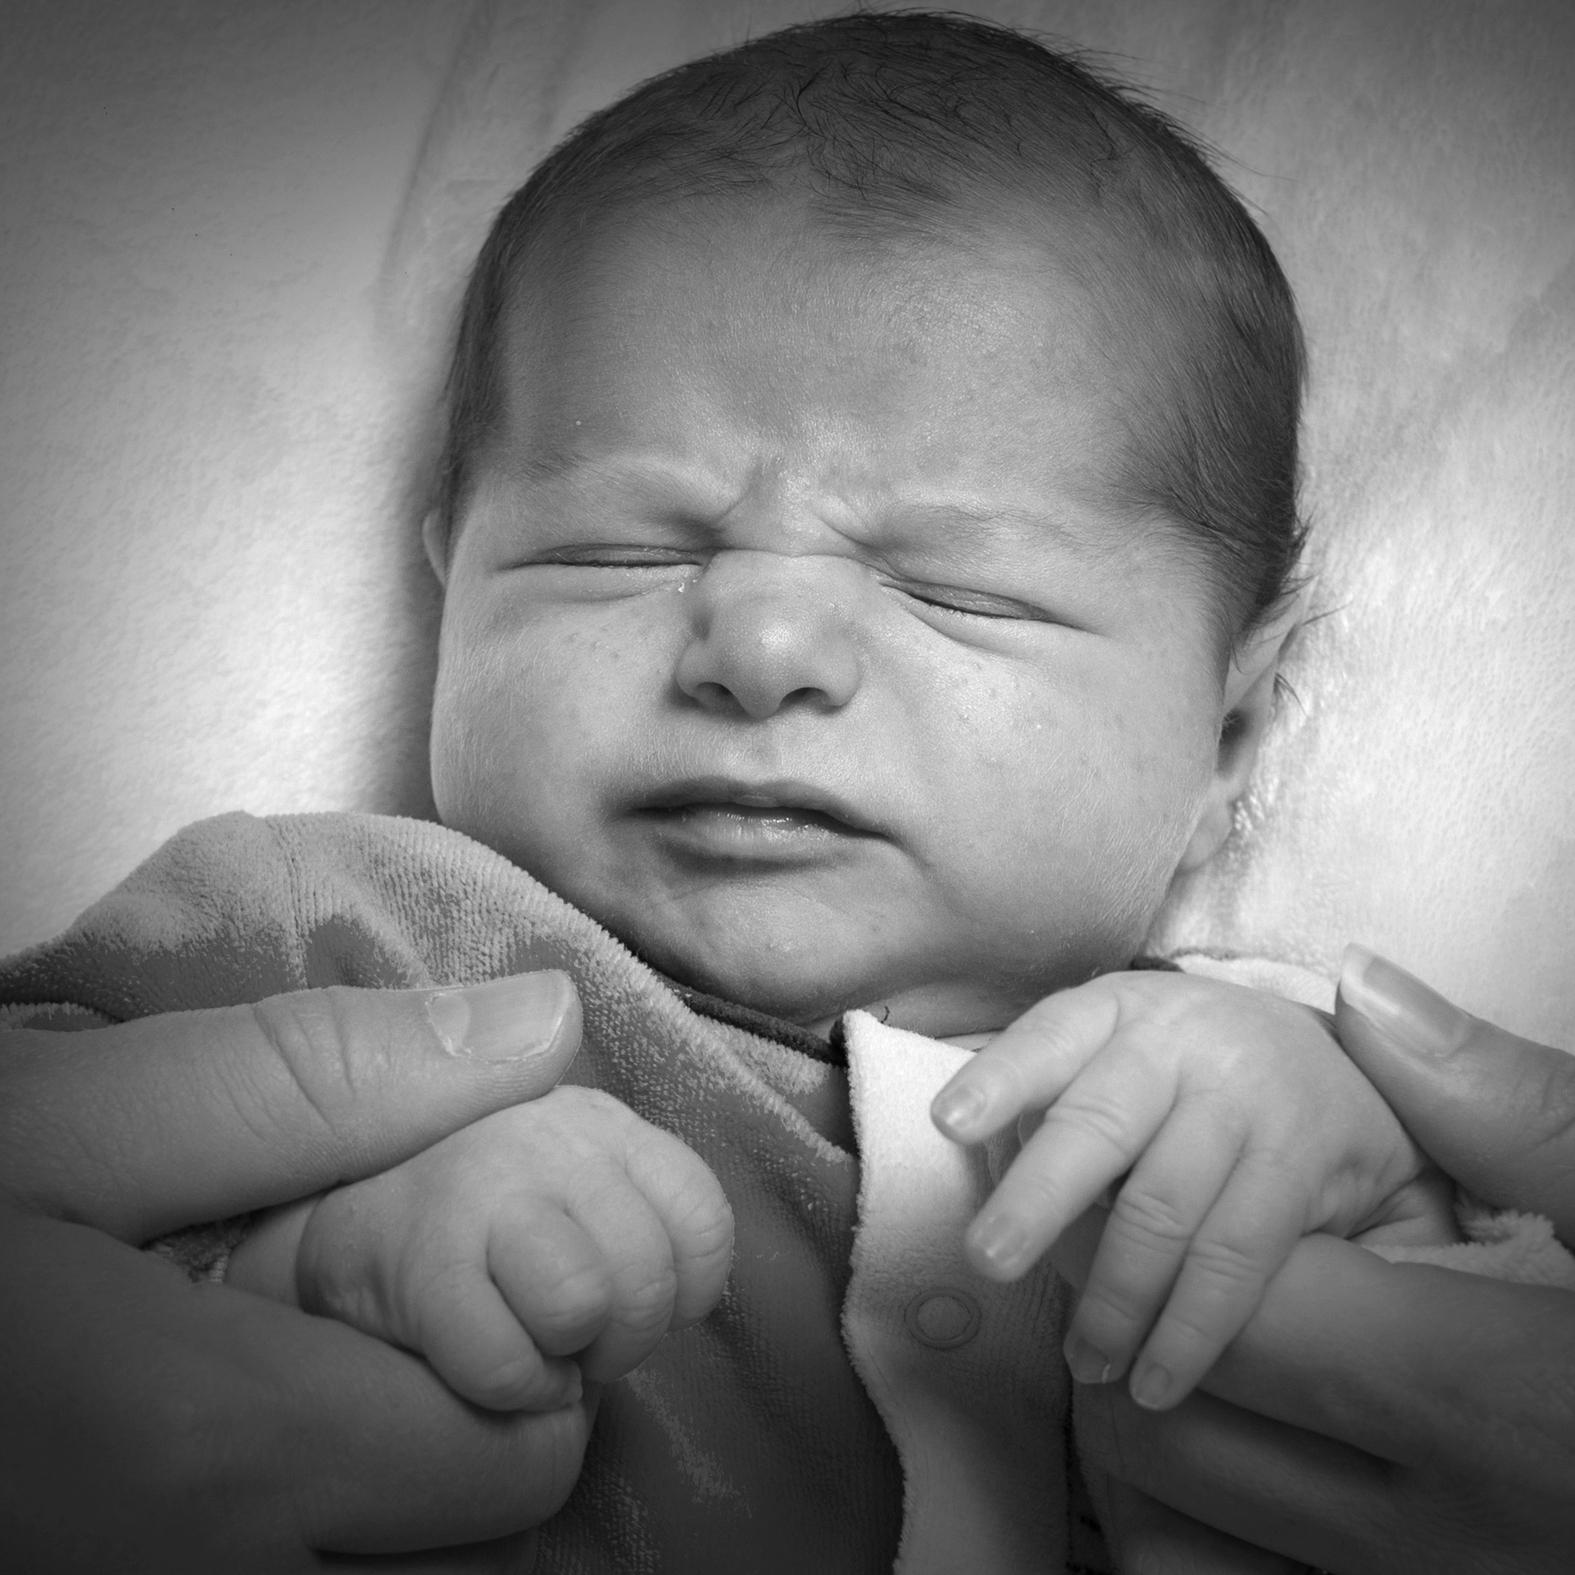 Photographe Lambersart - shooting photos - photo nouveau né - photo femme enceinte - photo de famille